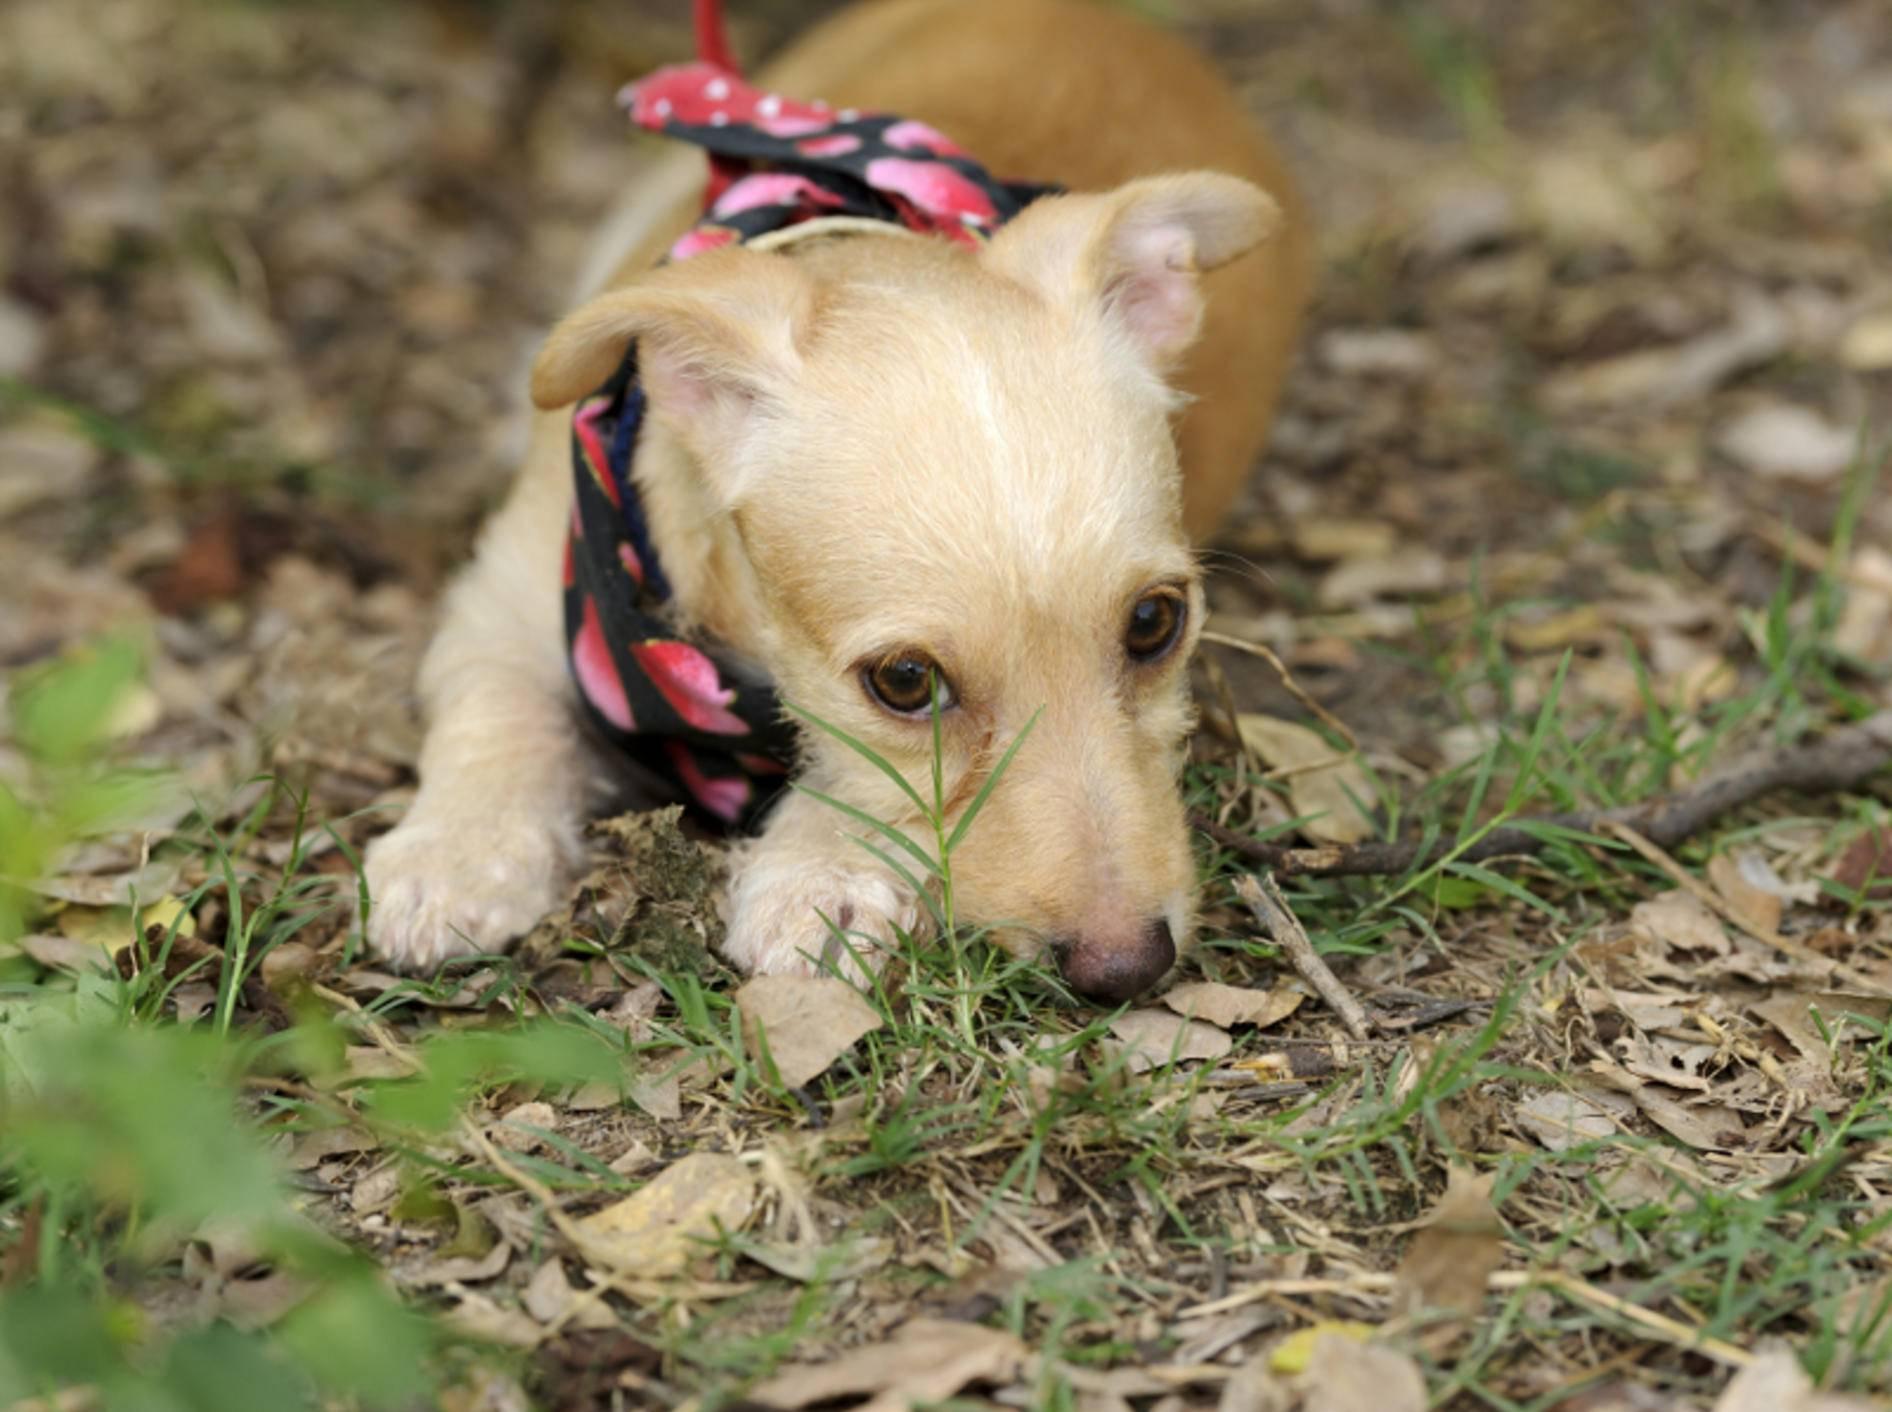 Angelegte Ohren, gesenkter Kopf, eingezogene Rute – scheue oder ängstliche Hunde zeigen ihre Angst meist sehr deutlich – Shutterstock / David Porras